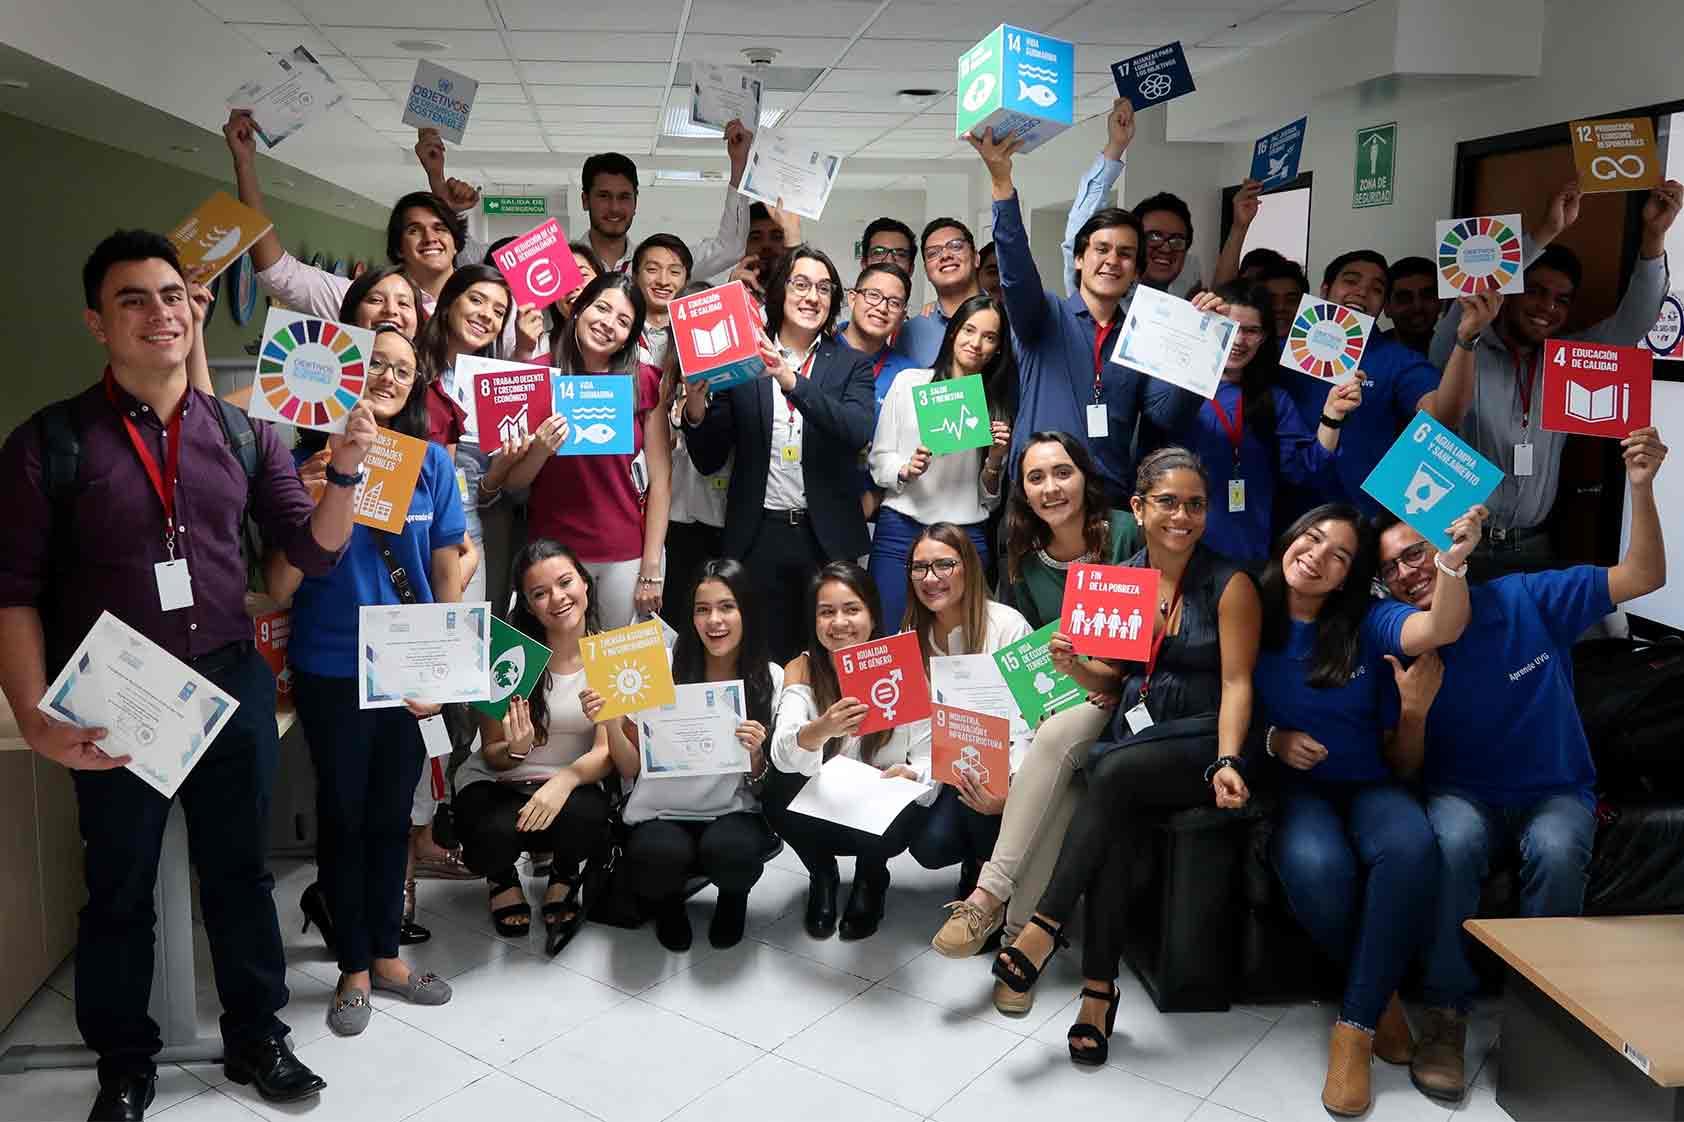 ¡Estamos creando proyectos que contribuyen a los ODS!